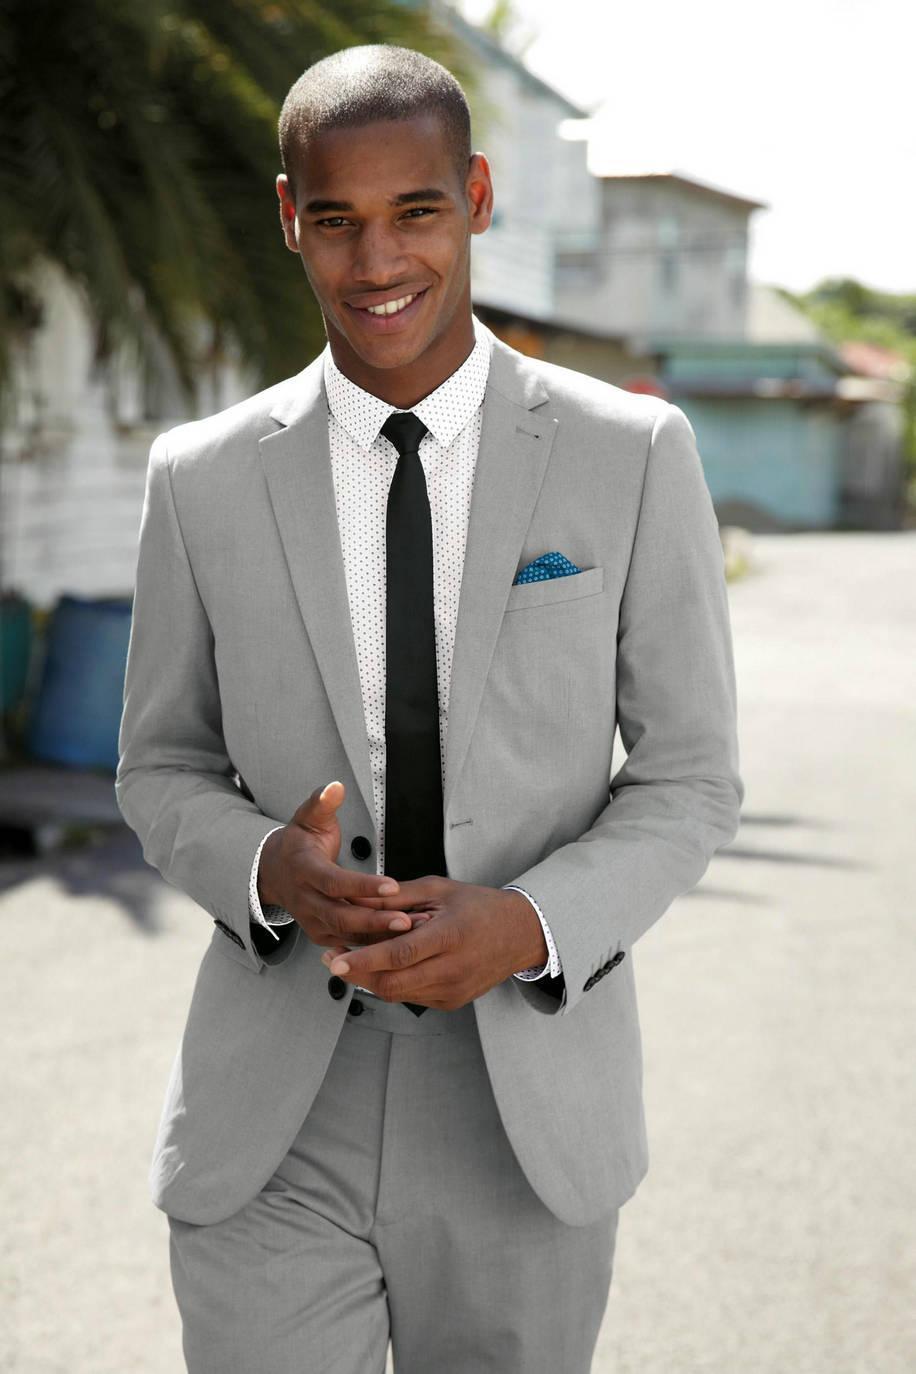 Light Grey Suits For Wedding - Suit La